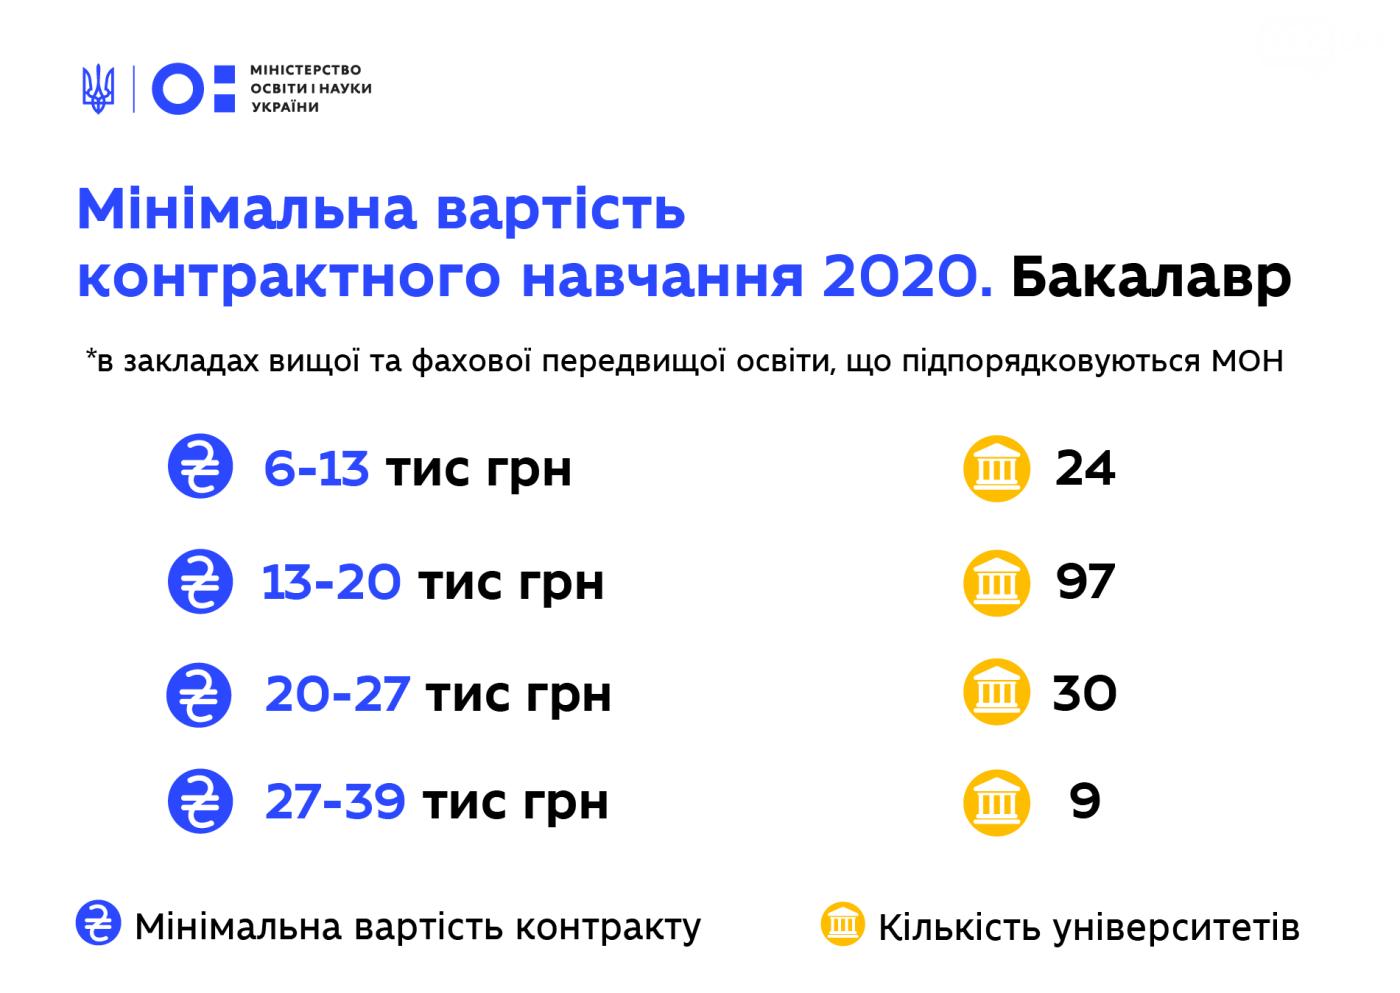 Фото: вартість навчання 2020 / МОН